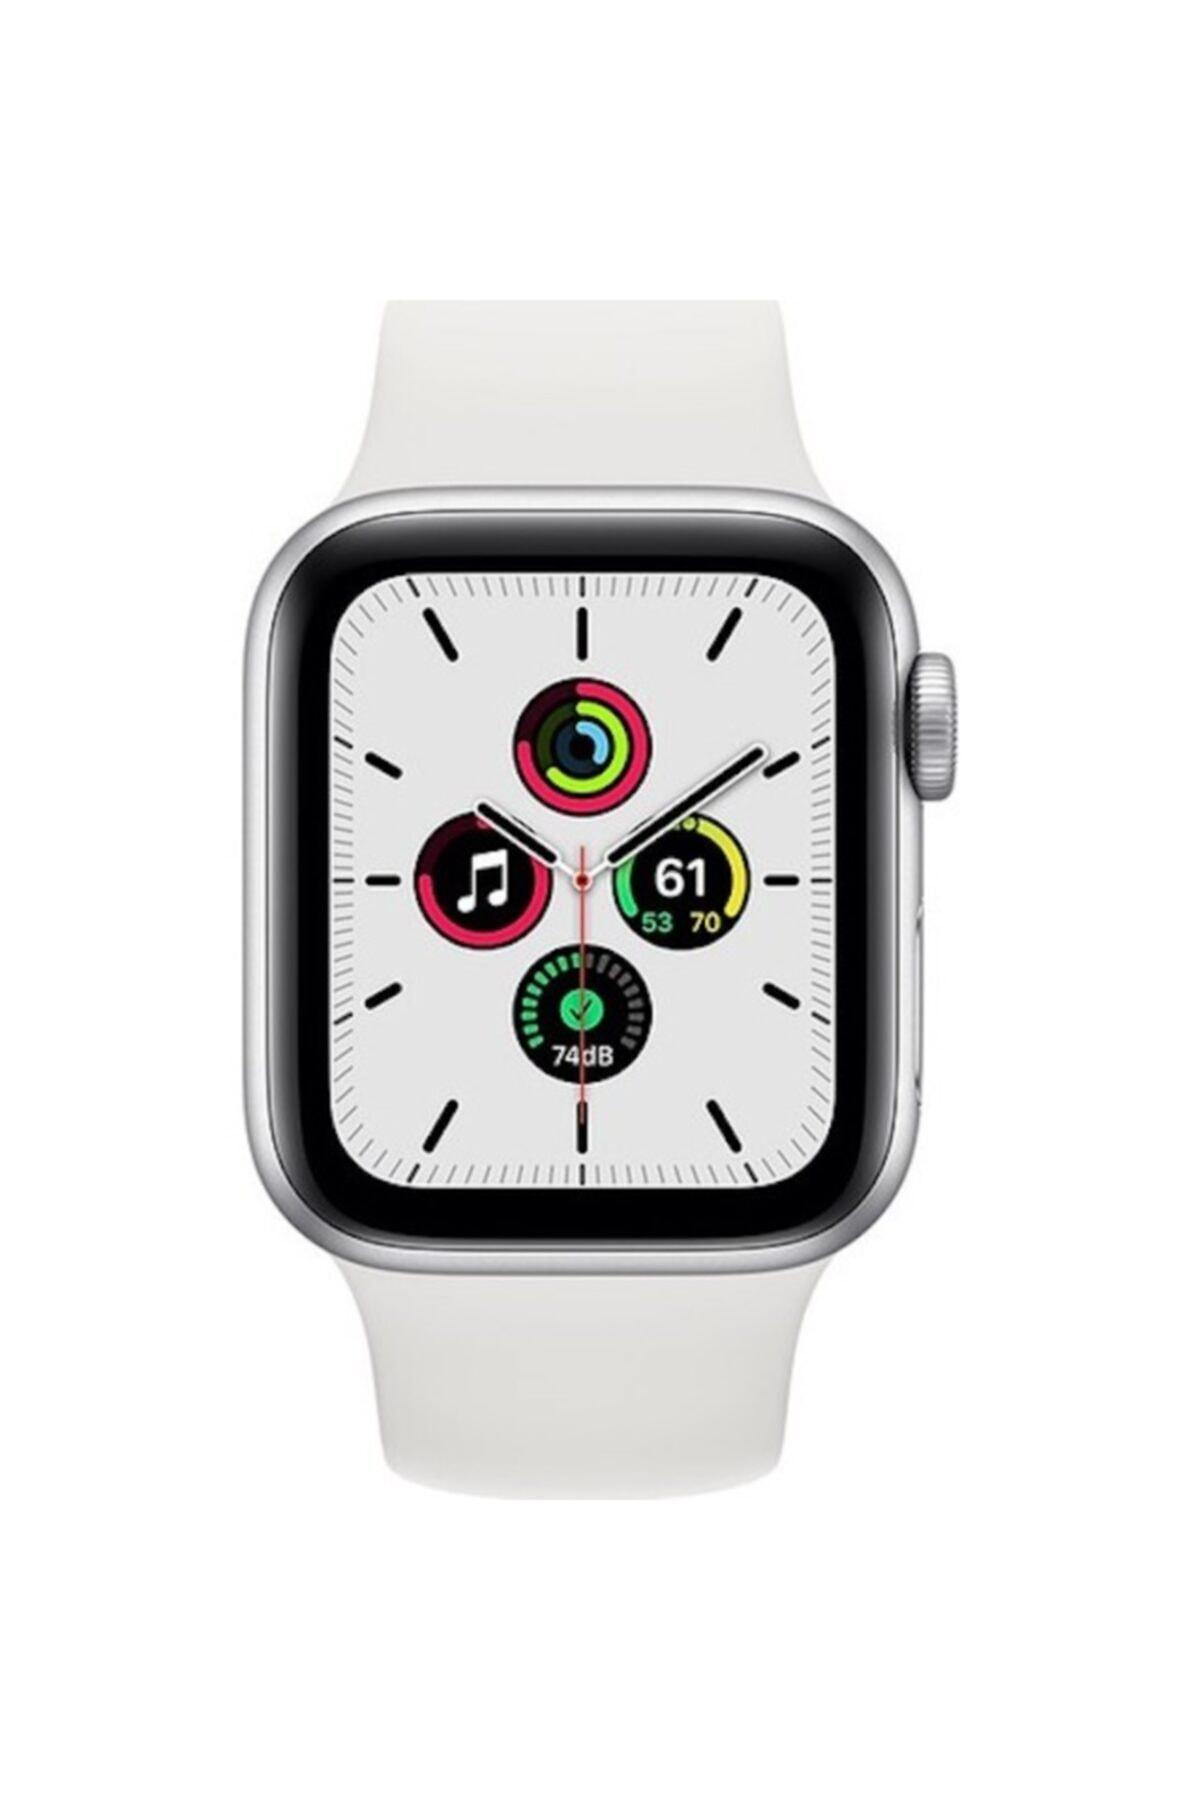 Apple Watch Se Gps 40 Mm Gümüş Rengi Alüminyum Kasa Ve Beyaz Spor Kordon 2